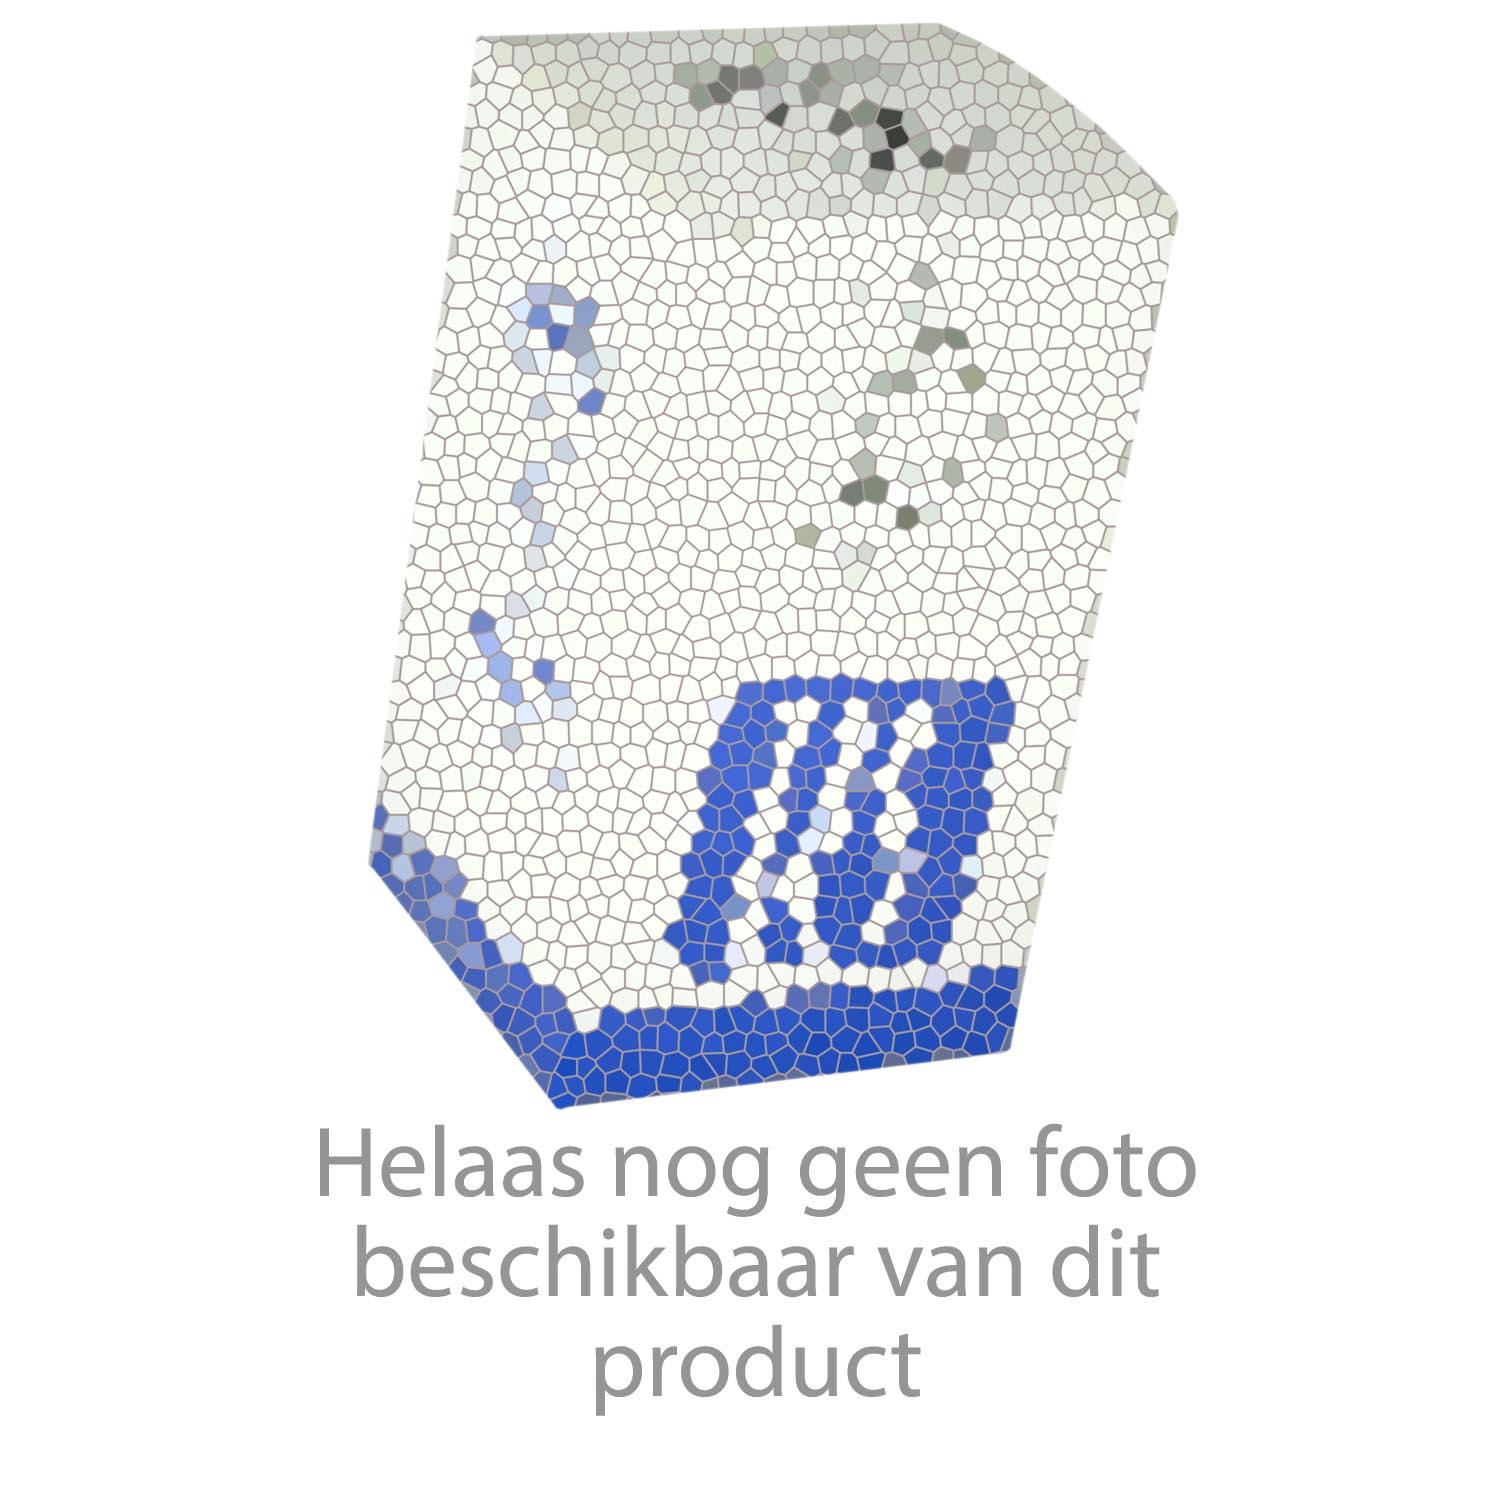 Geberit Impuls 360 vlotterkraan ceramische stortbak 3/8 onderaansluiting Artikelnummer 281.001.00.1